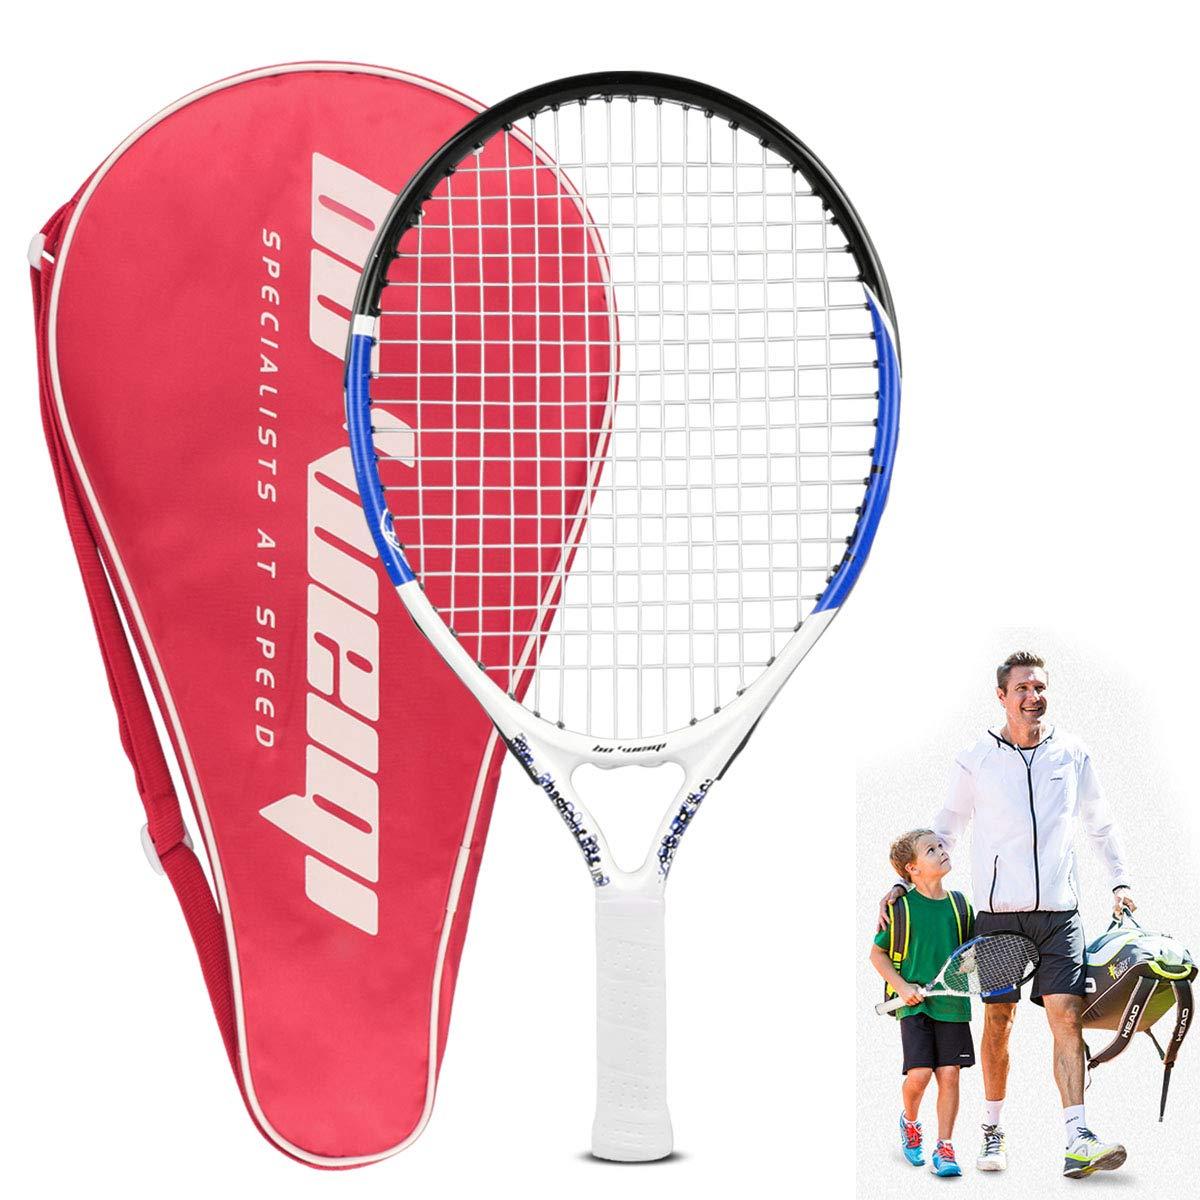 Calmare Raqueta de Tenis, Raqueta de Tenis de Aluminio Incluyendo Bolsa de Tenis-Raquetas